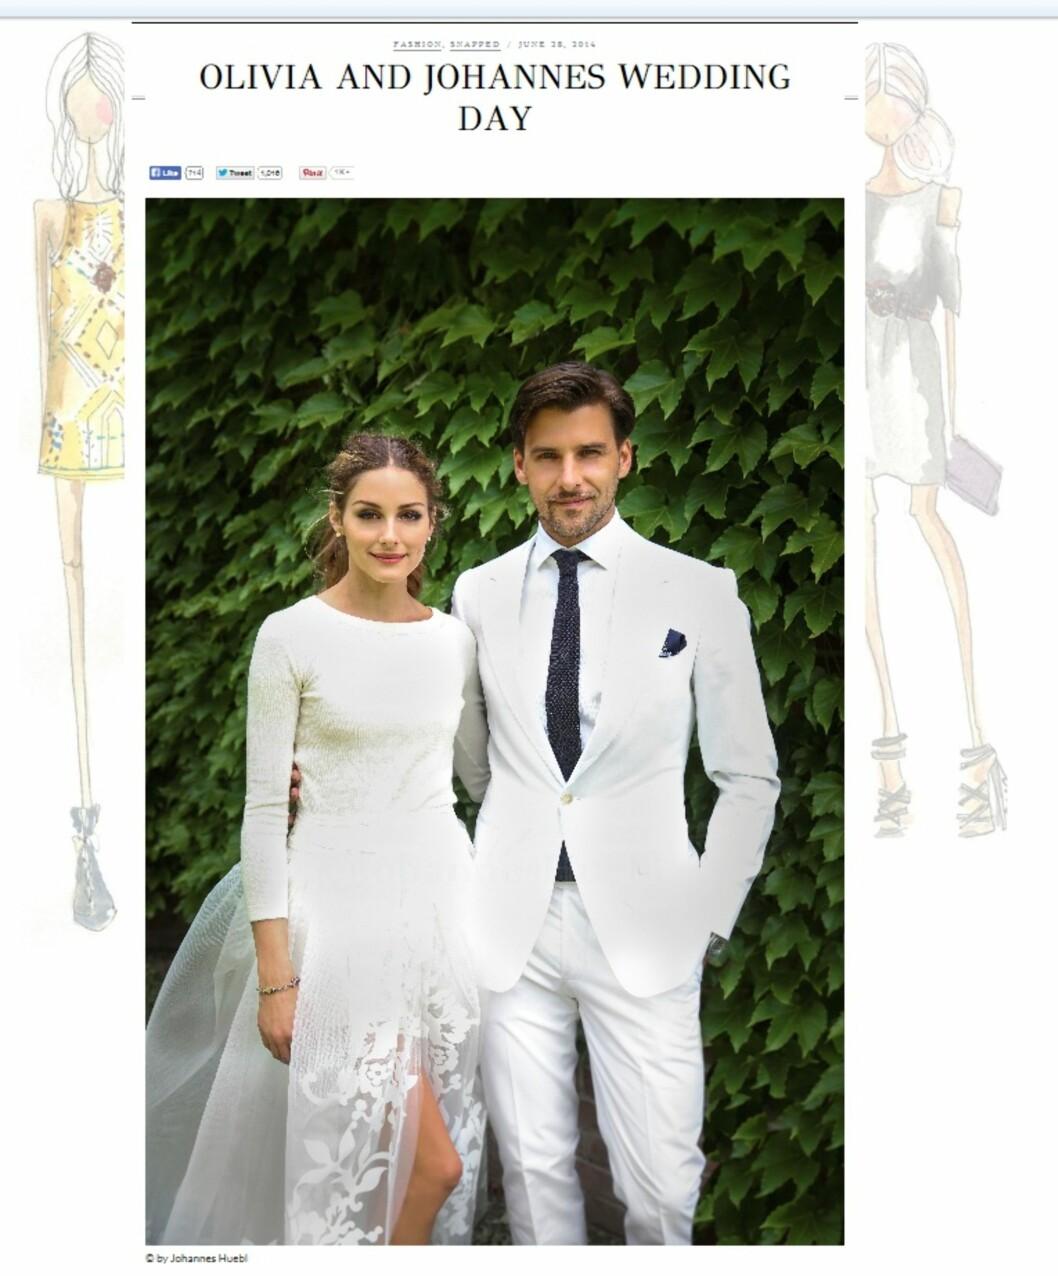 BRUDEPARET: Både Olivia og Johannes så nydelige ut på bryllupsdagen. Palermo roses for sitt vågale valg av antrekk og brudgommen matchet bruden sin perfekt. Foto: Oliviapalermo.com